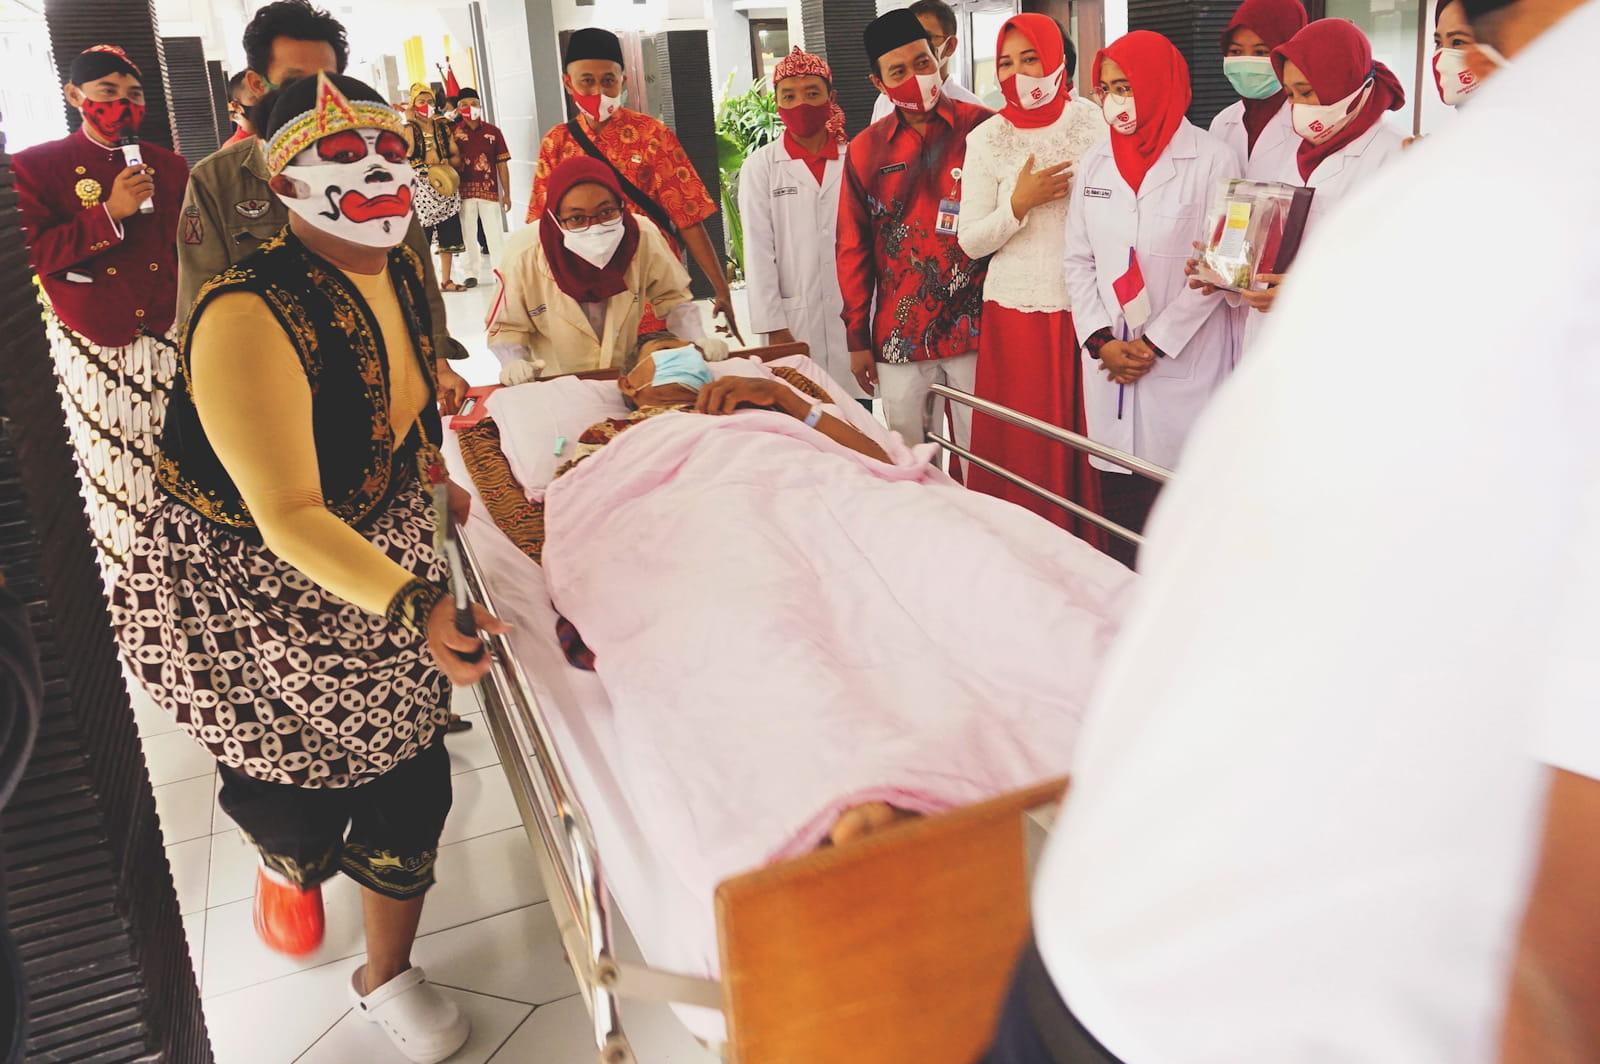 """Kunjungan Pasien Naik, Bukti Masyarakat Kian """"Pede"""" Beraptasi Kebiasaan Baru di tengah Pandemi COVID-19"""